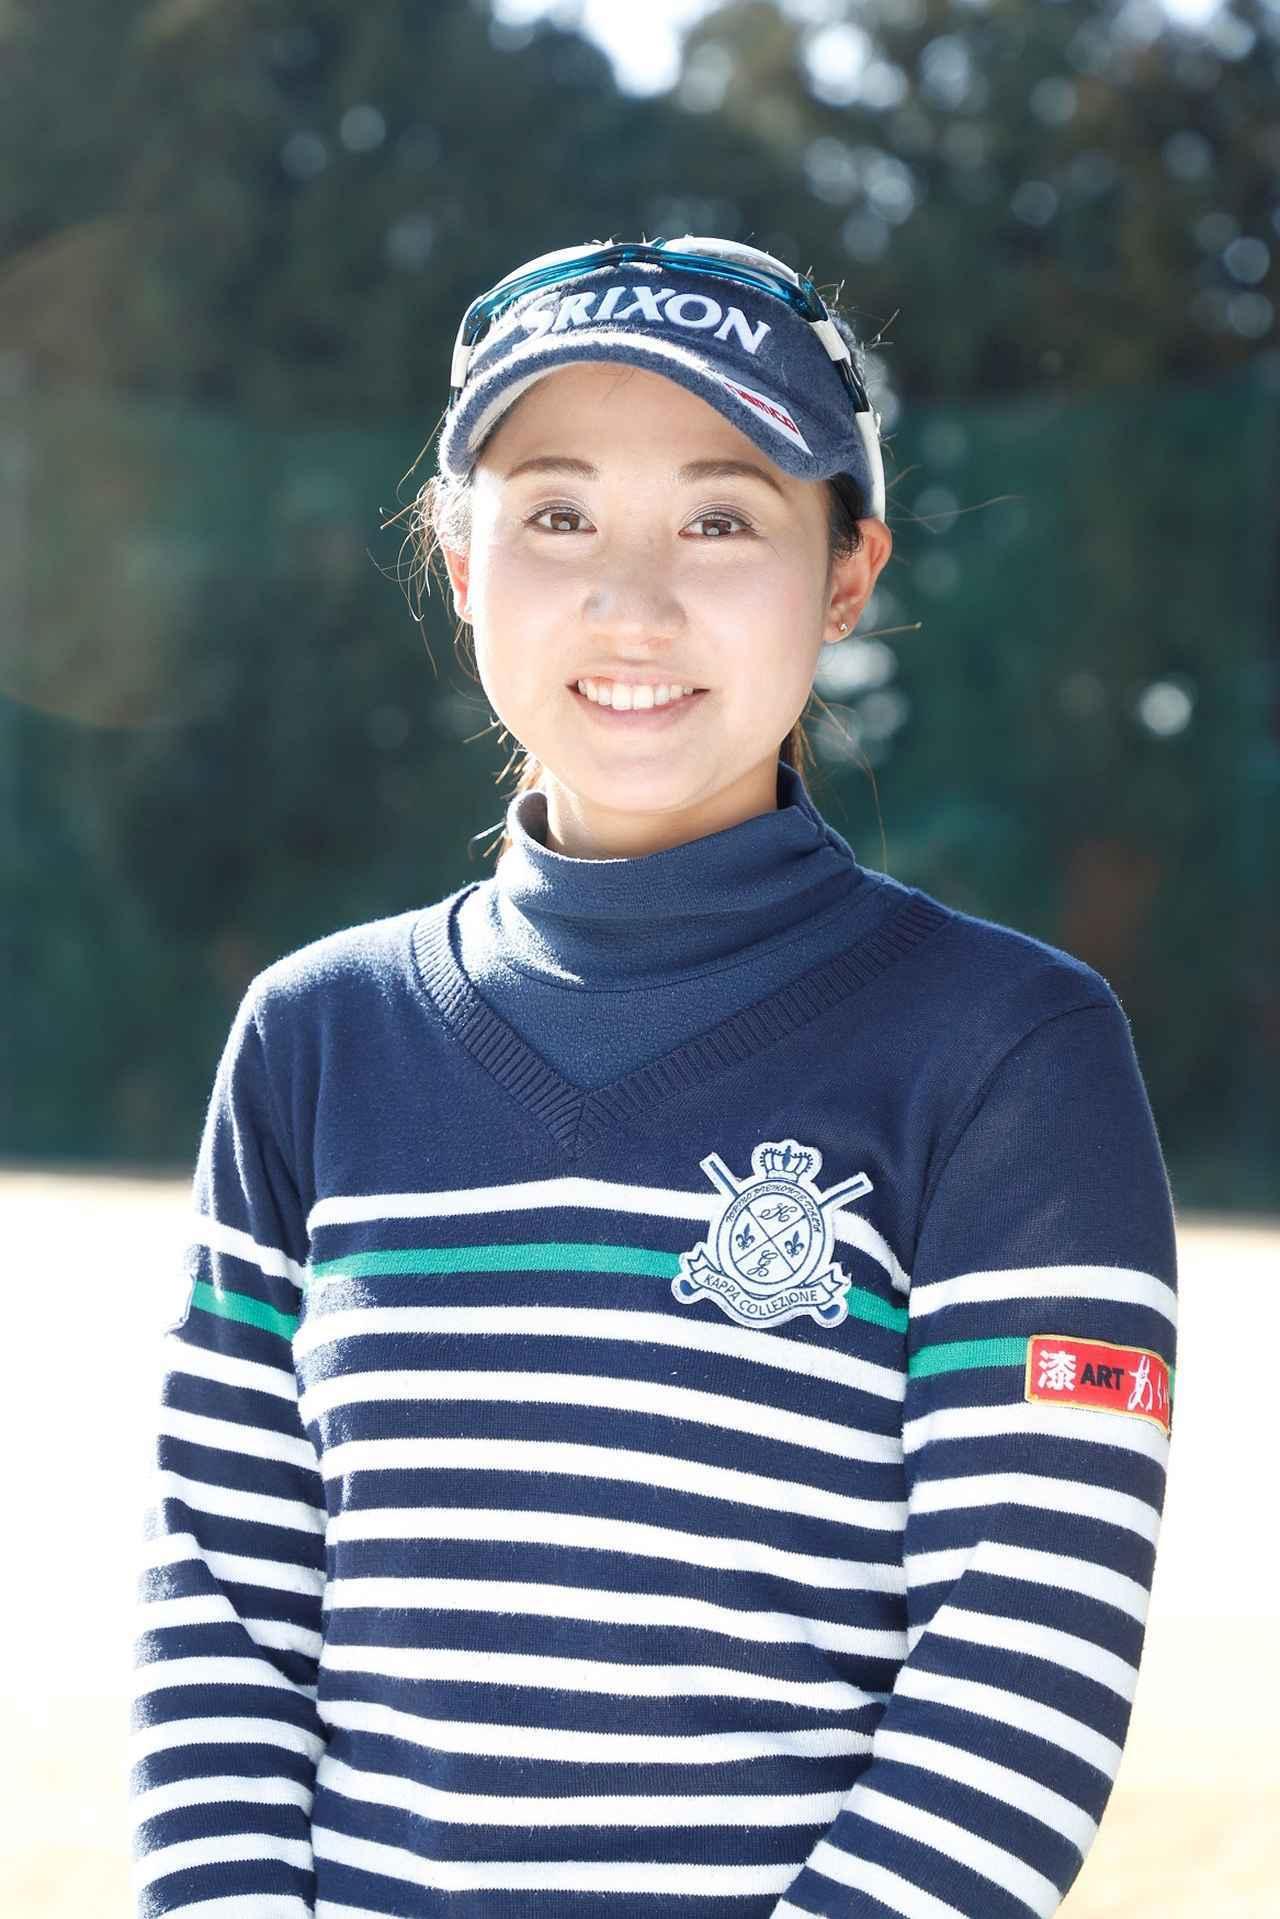 画像: 荒井舞(あらい・まい)、福岡県出身。宍戸ヒルズカントリークラブ所属。父と兄の影響でゴルフを始め、2015年7月にプロテスト合格。2017年の11月に台湾女子ツアー出場権をかけたクォリファイングトーナメントで29位となり、2018年台湾女子ツアー出場資格を獲得。盛り上がる女子ツアーでこれからの活躍が期待される選手のひとりとして注目を集めている